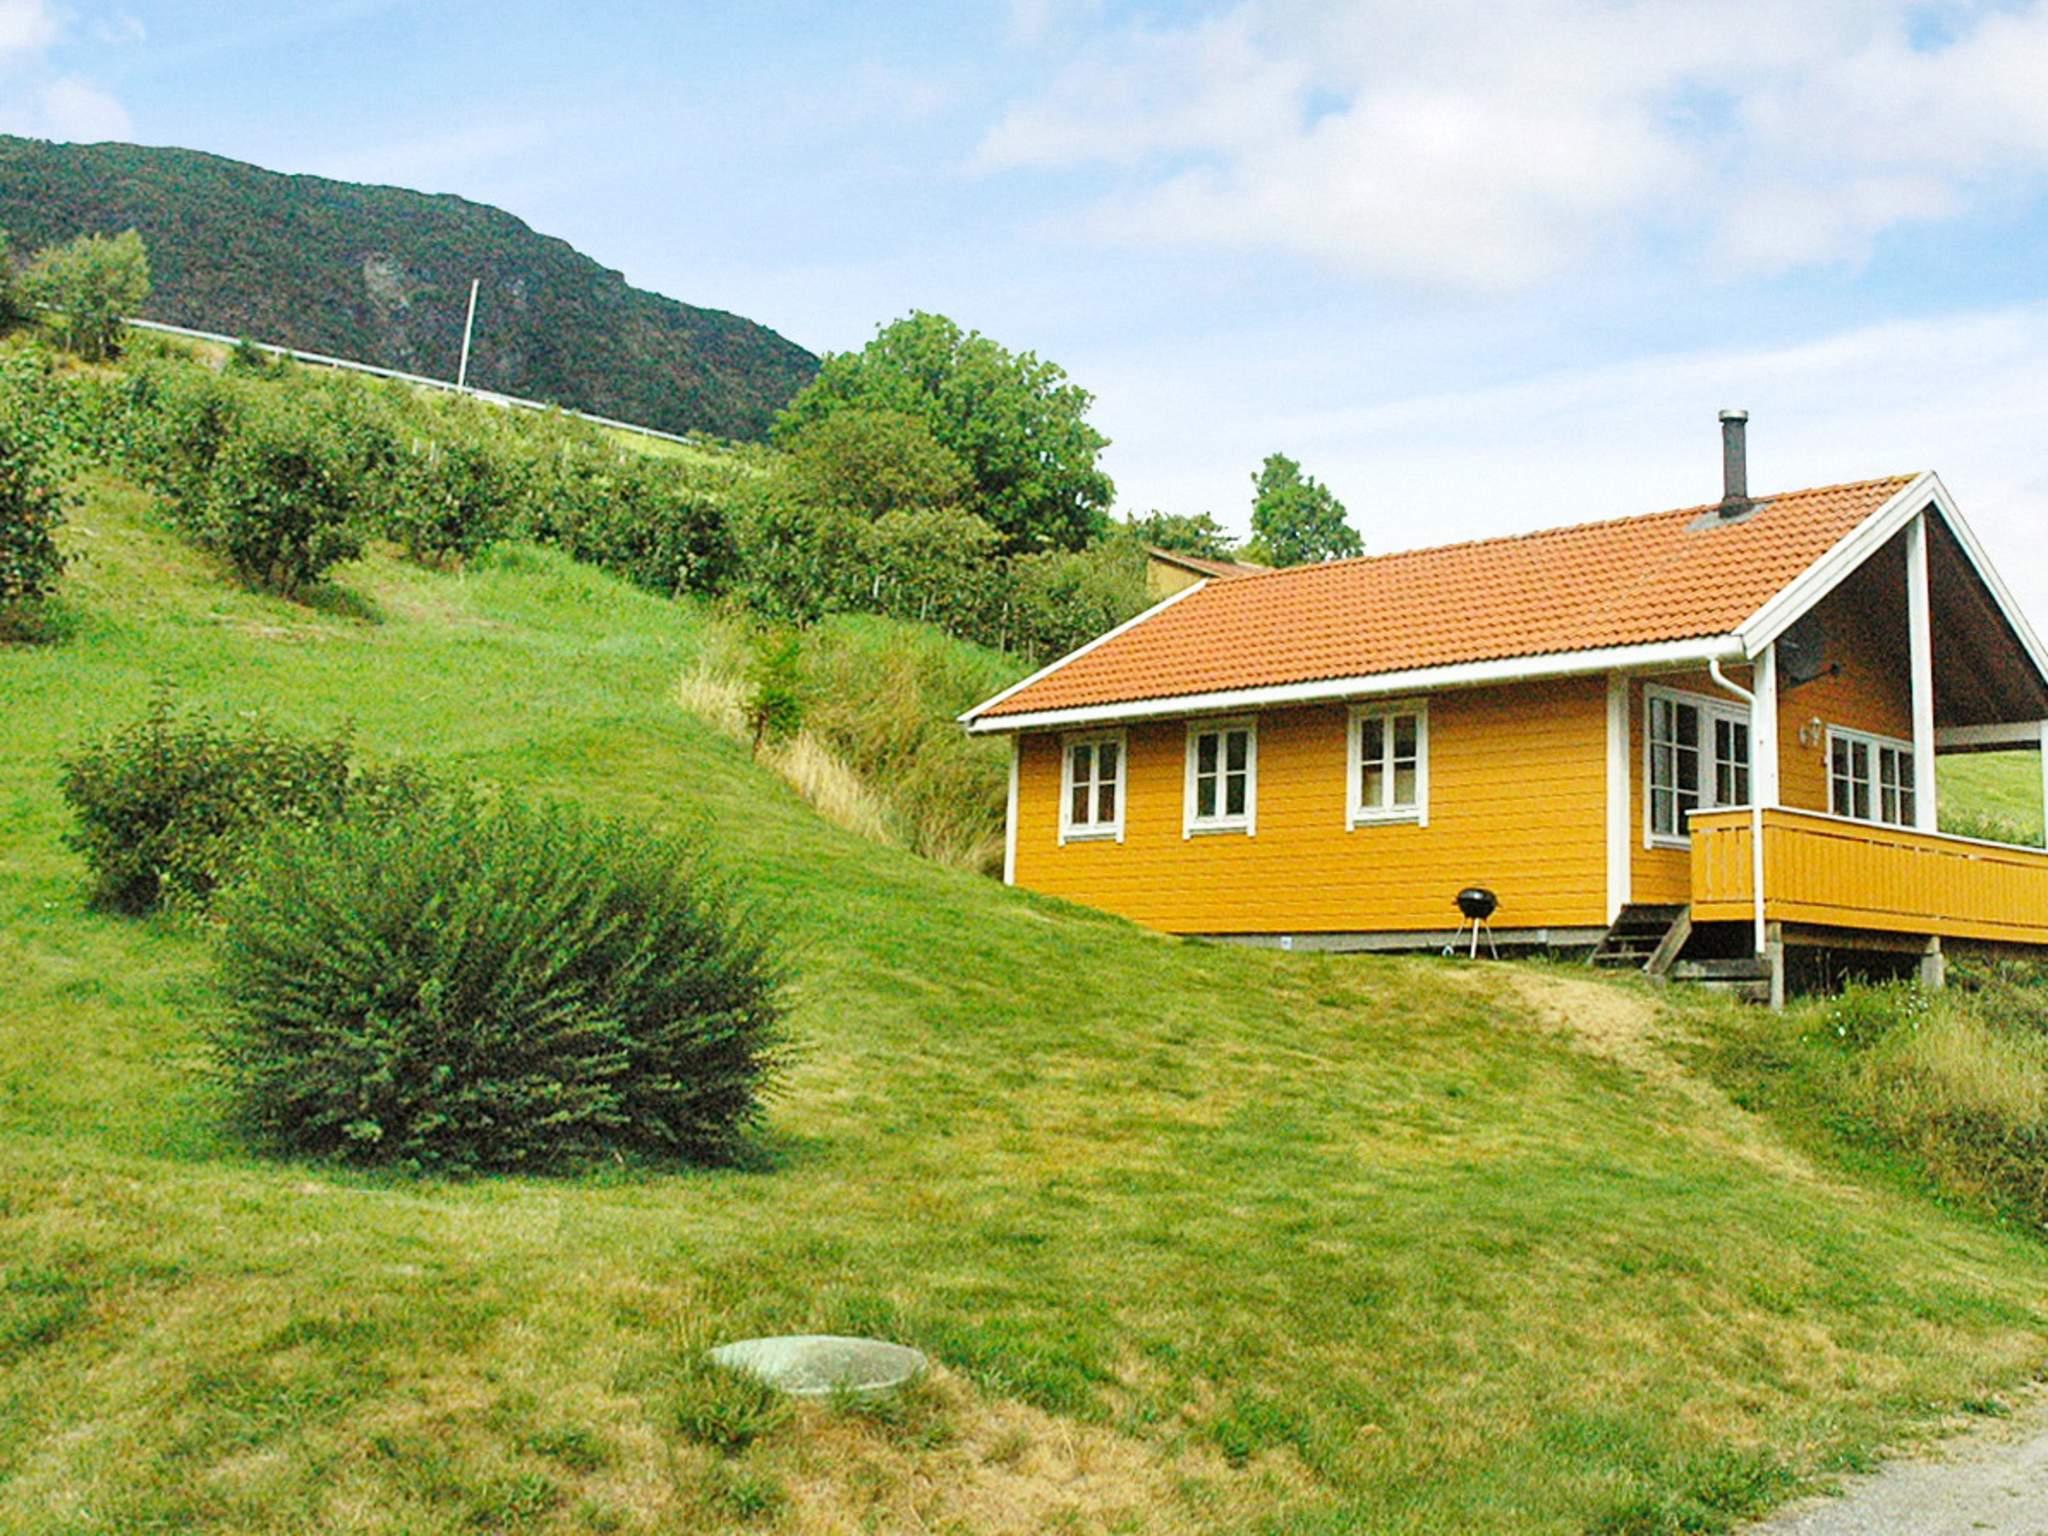 Ferienhaus Slinde (82397), Slinde, Sognefjord - Nordfjord, Westnorwegen, Norwegen, Bild 20